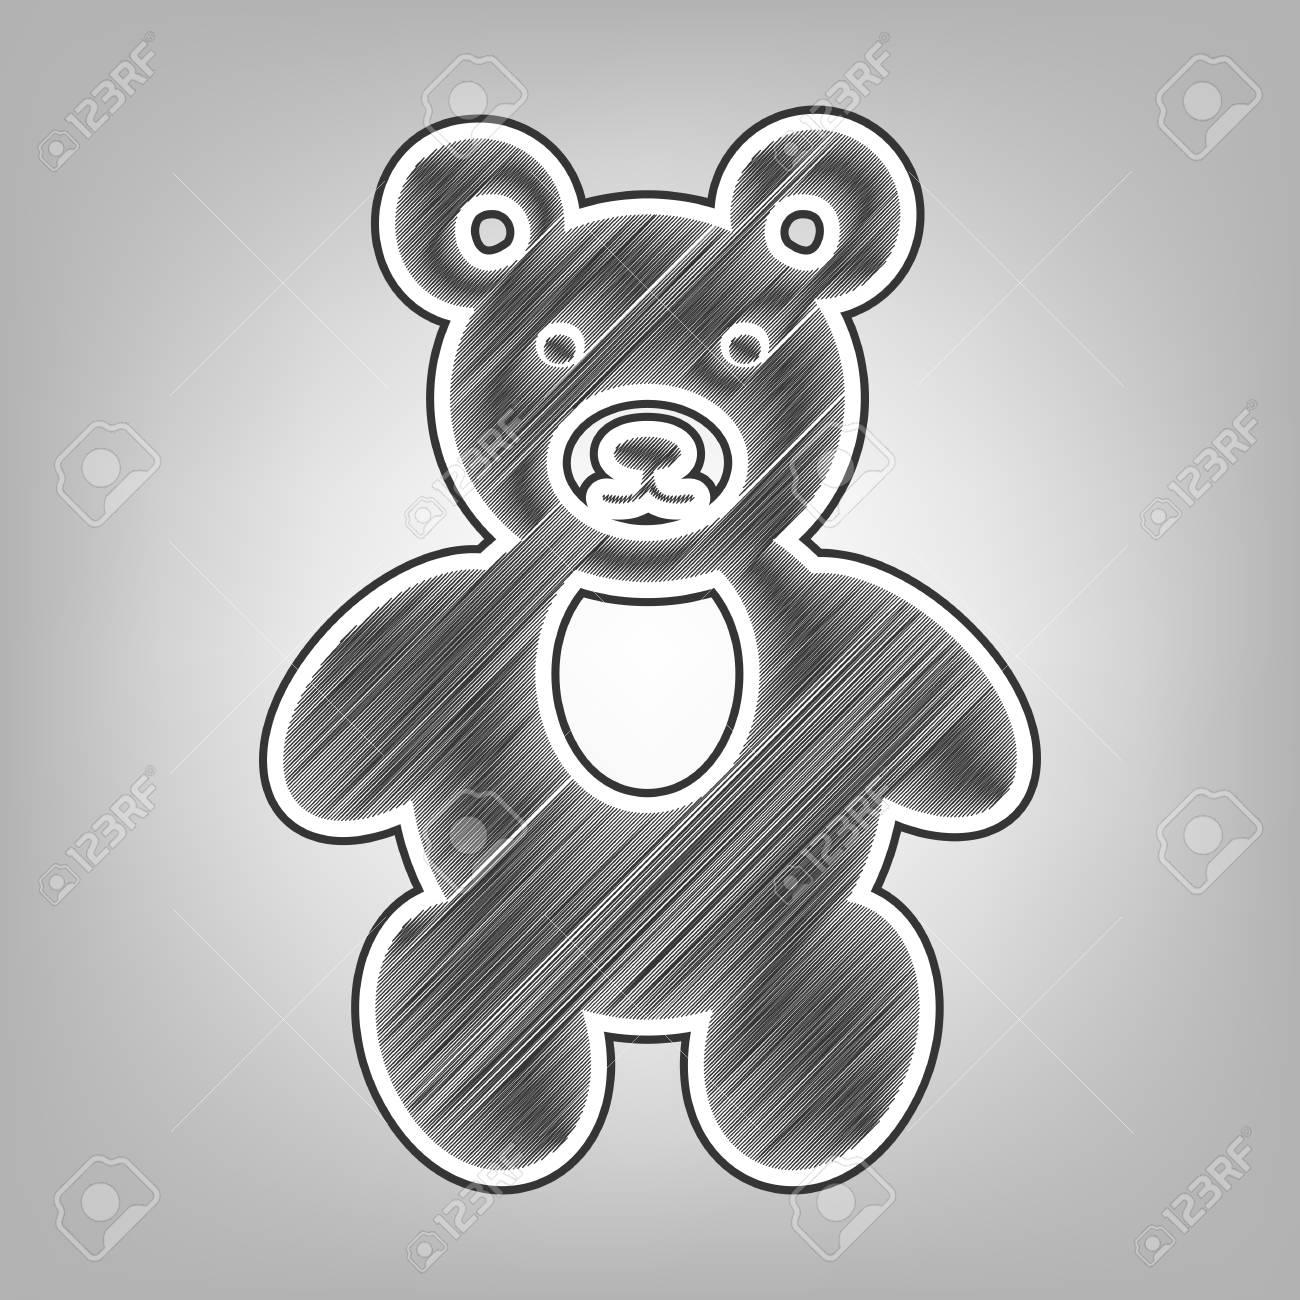 Teddy bear sign illustration vector pencil sketch imitation